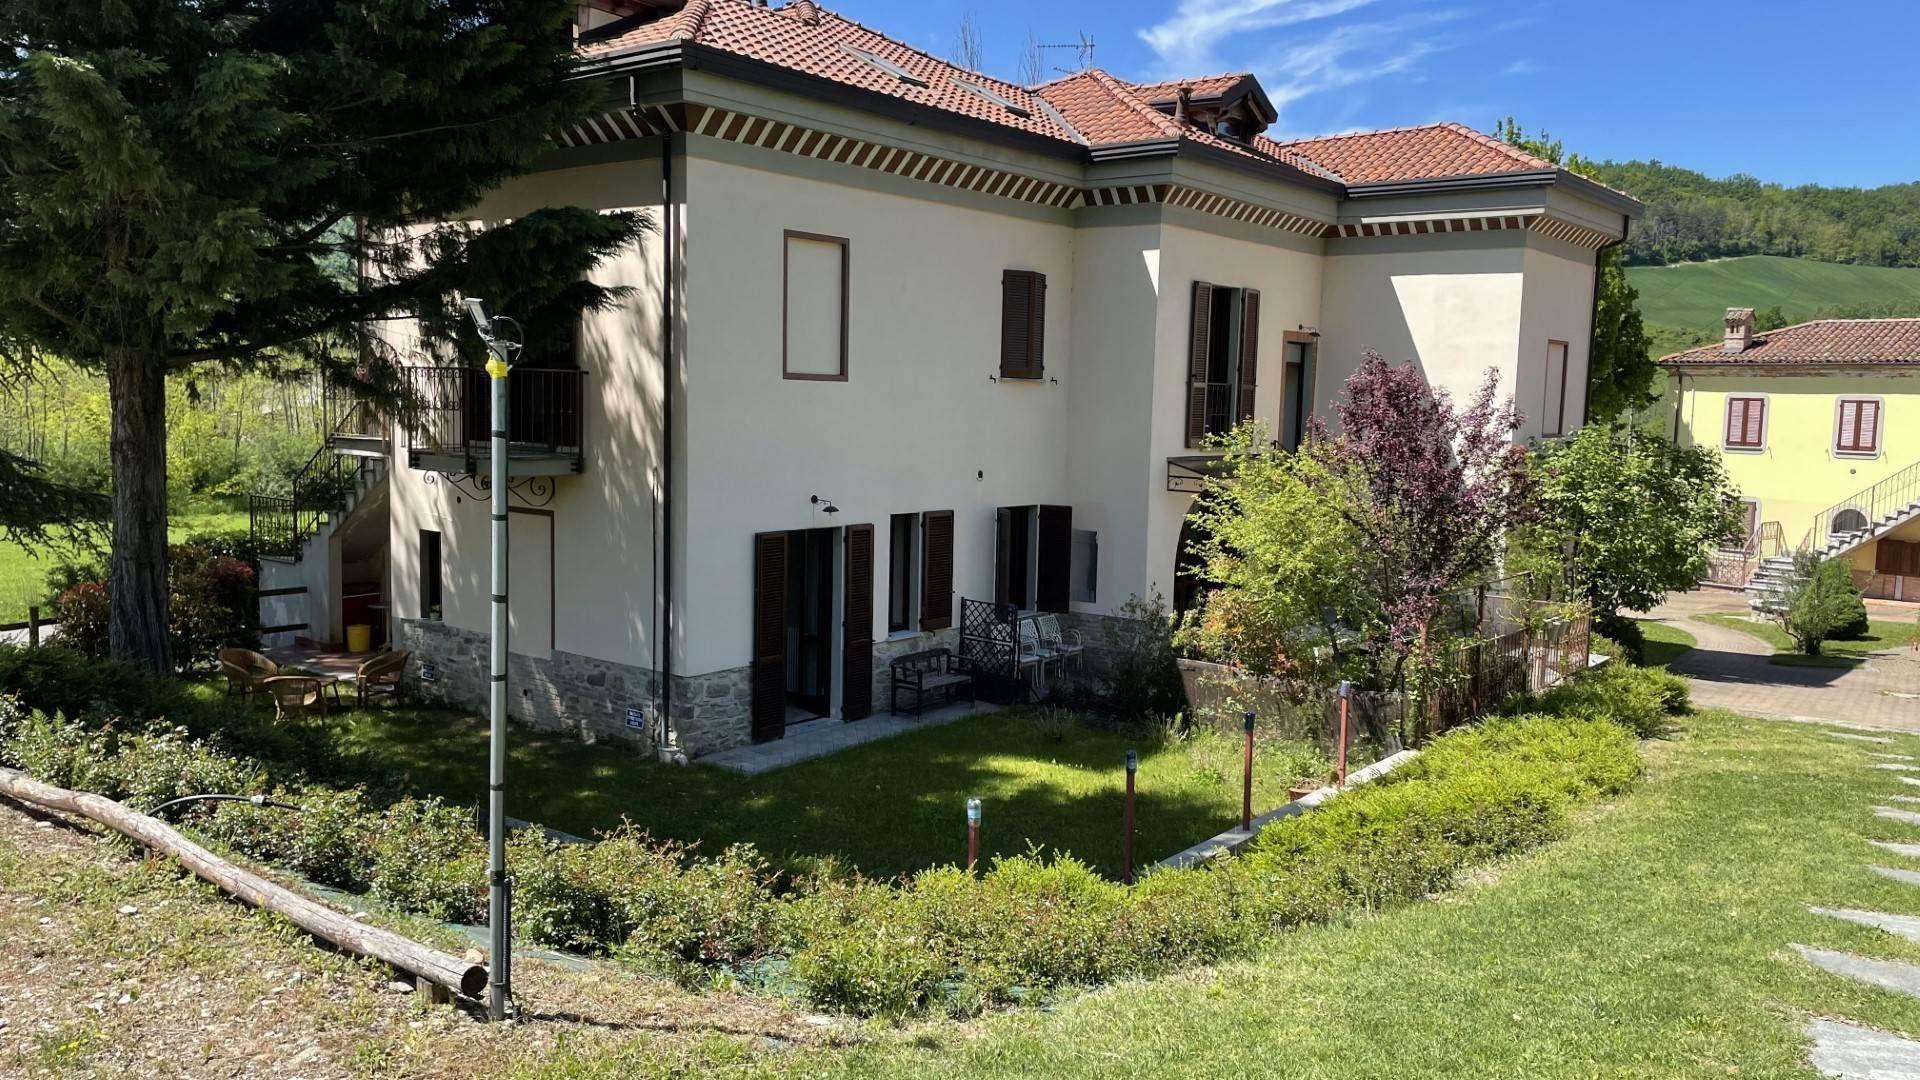 Soluzione Indipendente in vendita a San Sebastiano Curone, 2 locali, prezzo € 65.000   CambioCasa.it